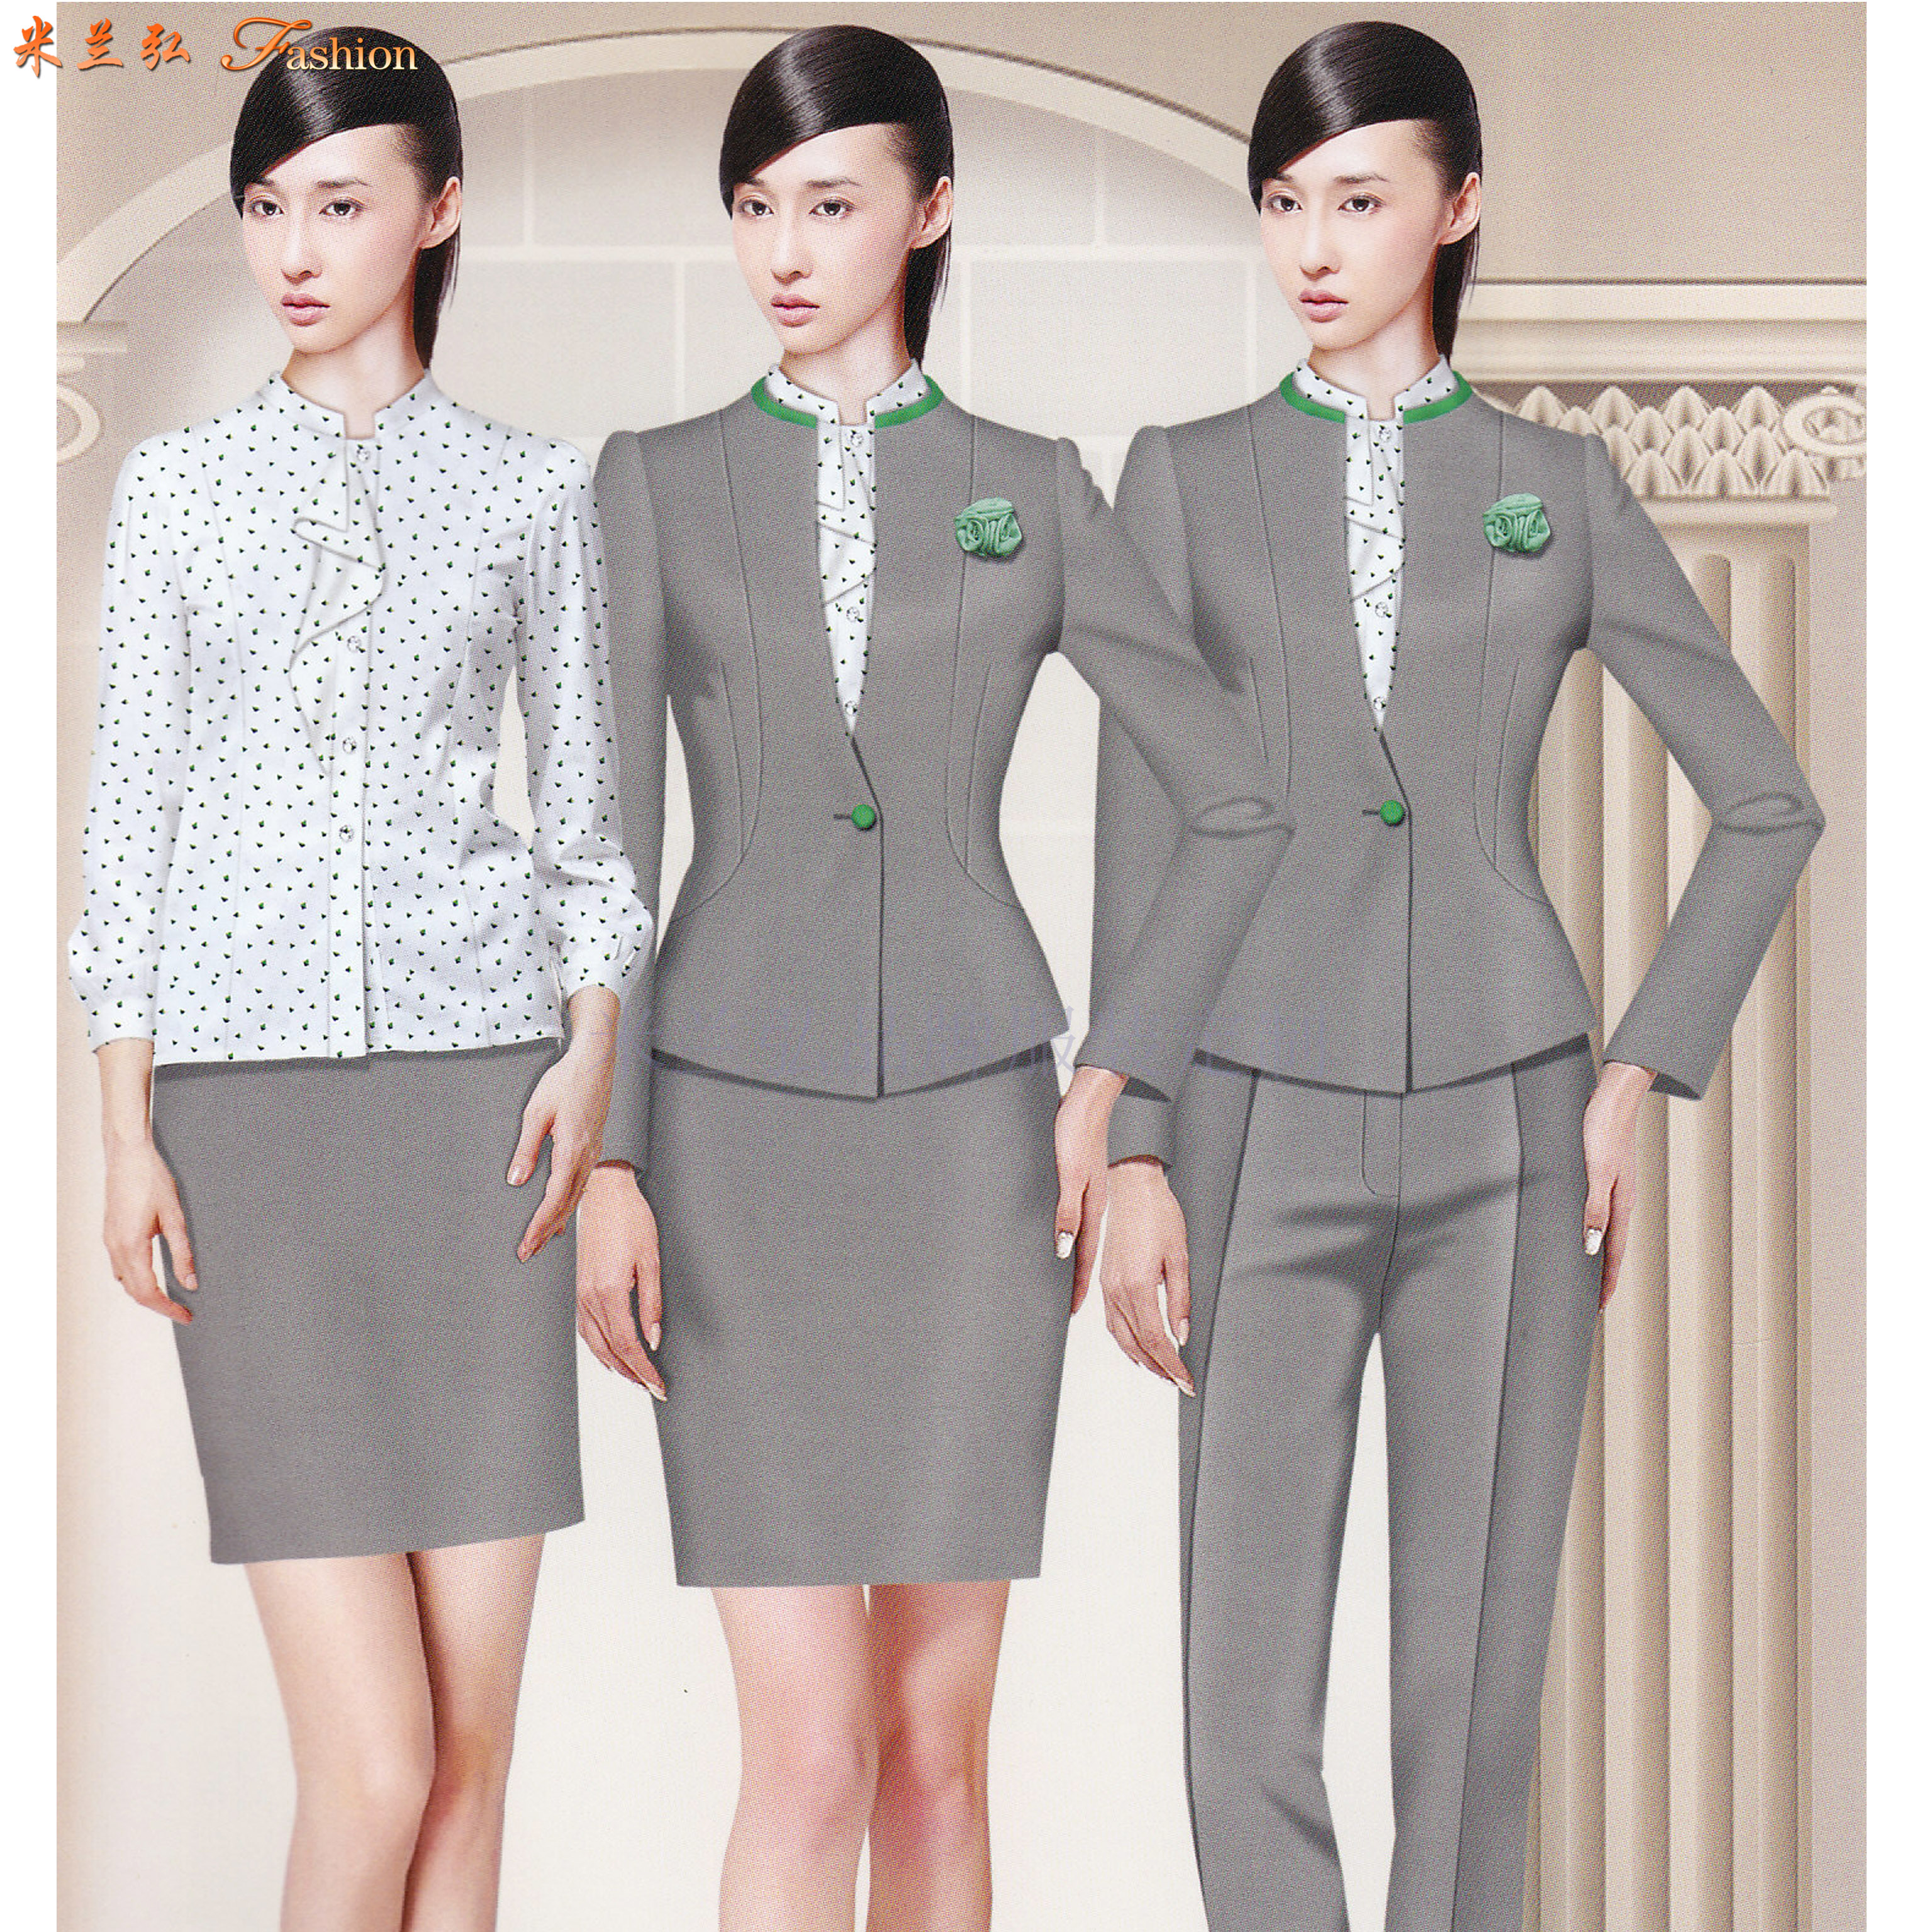 「定制職業裝廠」北京量身定制職業裝廠家-米蘭弘職業裝-5